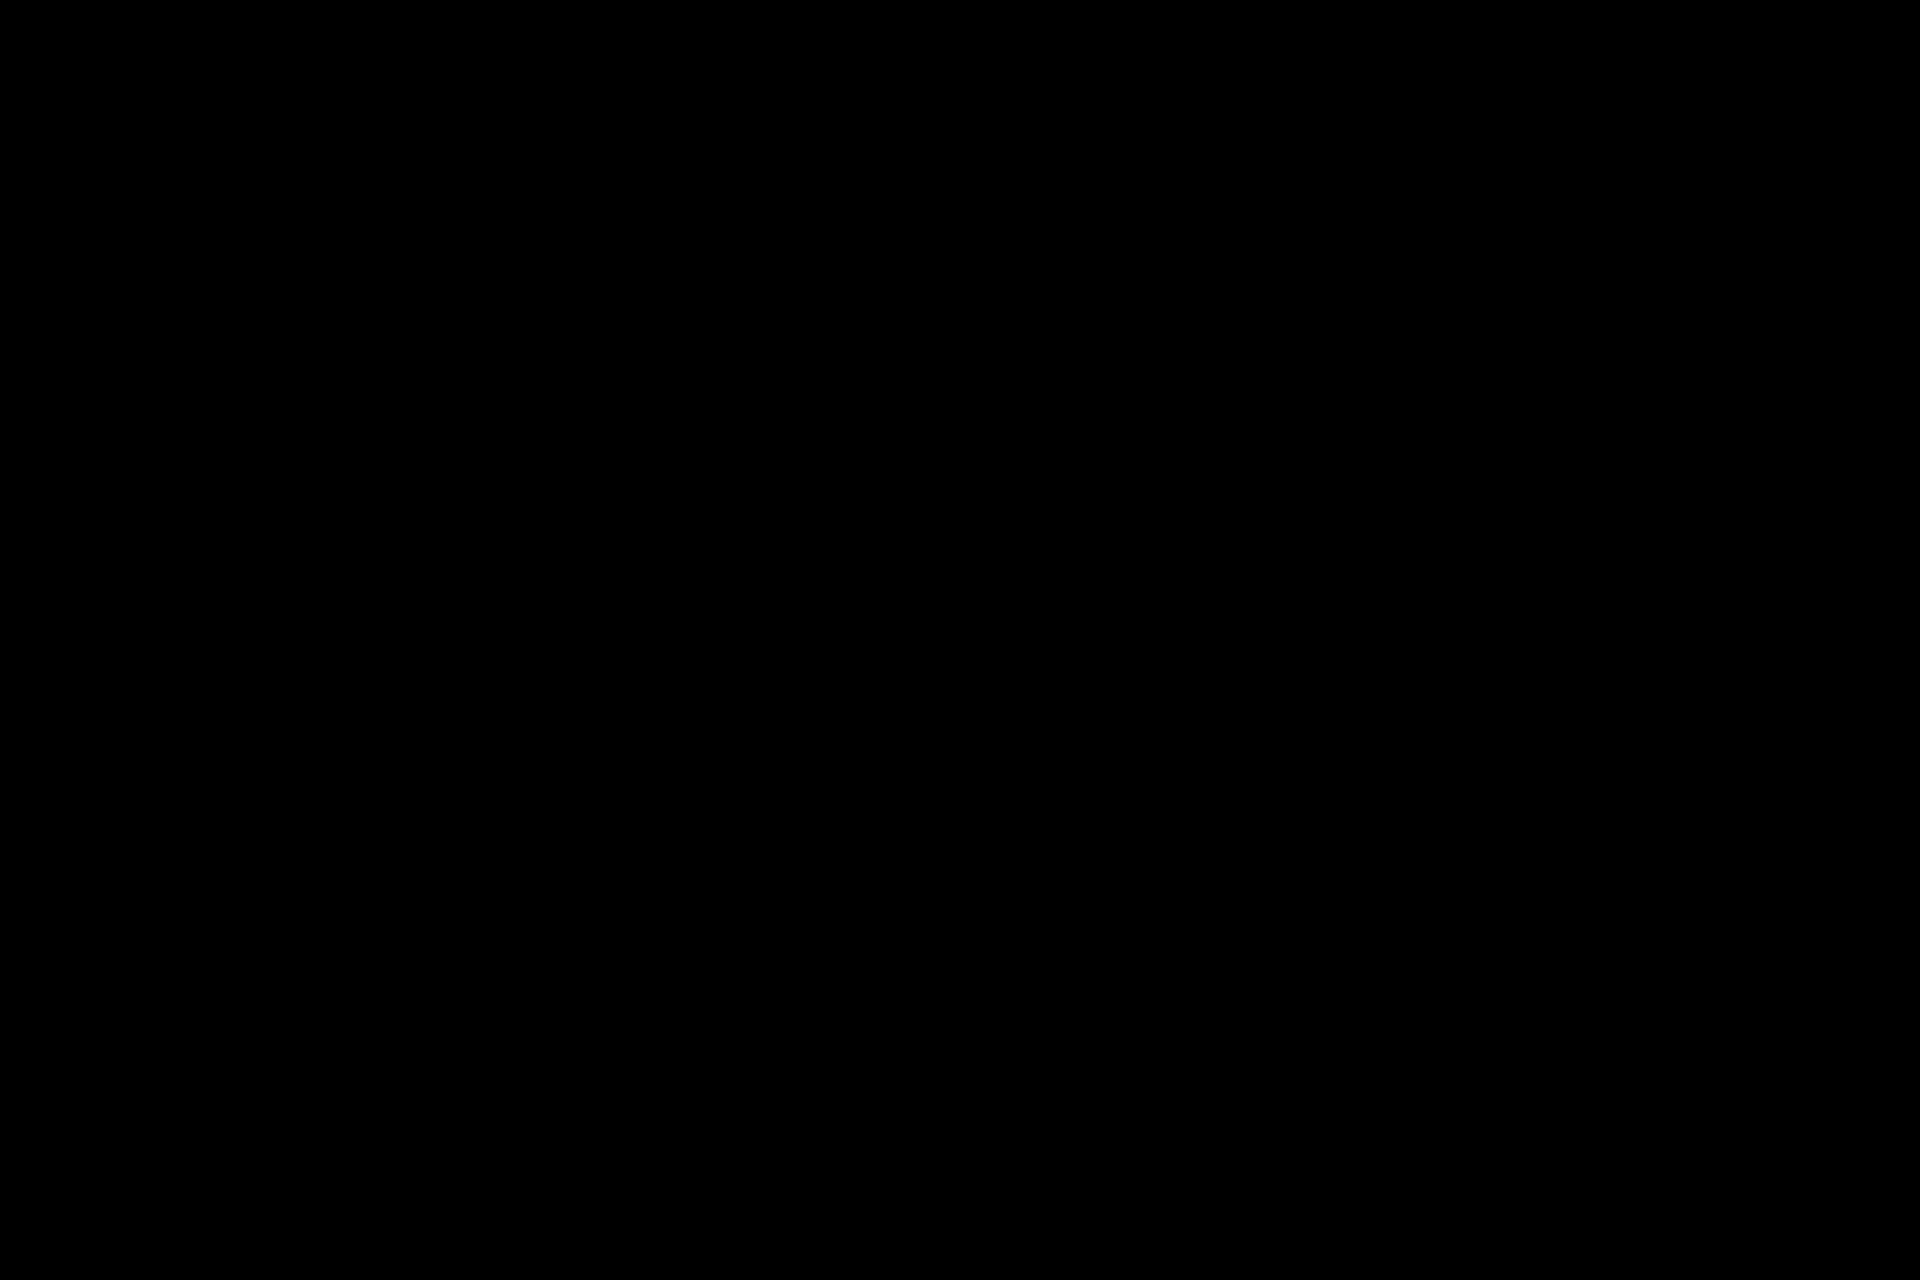 HAGEN-EILPE